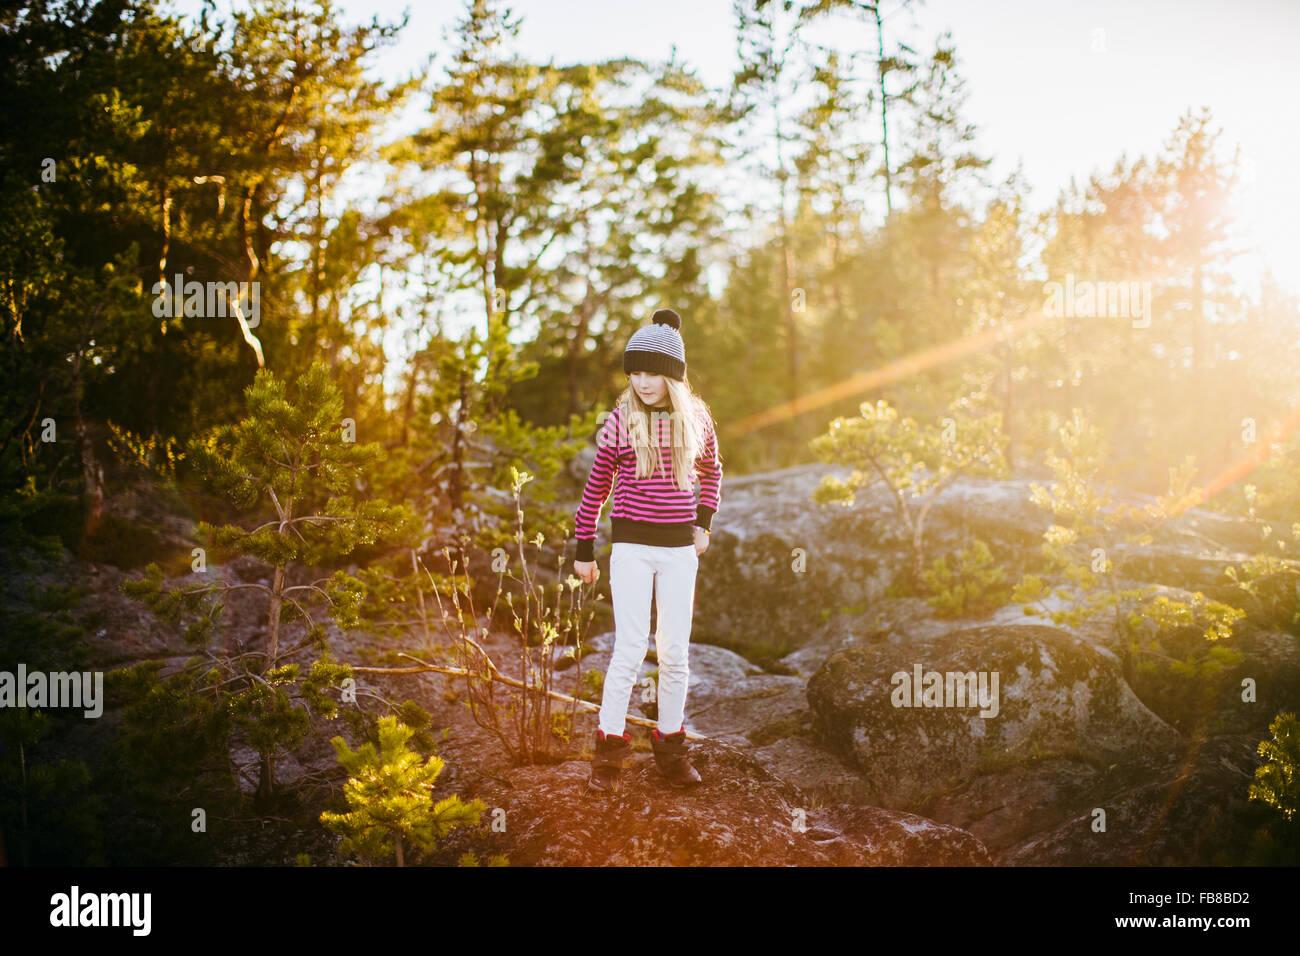 Schweden, Medelpad, Sundsvall, Juniskar, Portrait eines Mädchens (10-11) stehend im Wald auf sonnigen Tag Stockbild